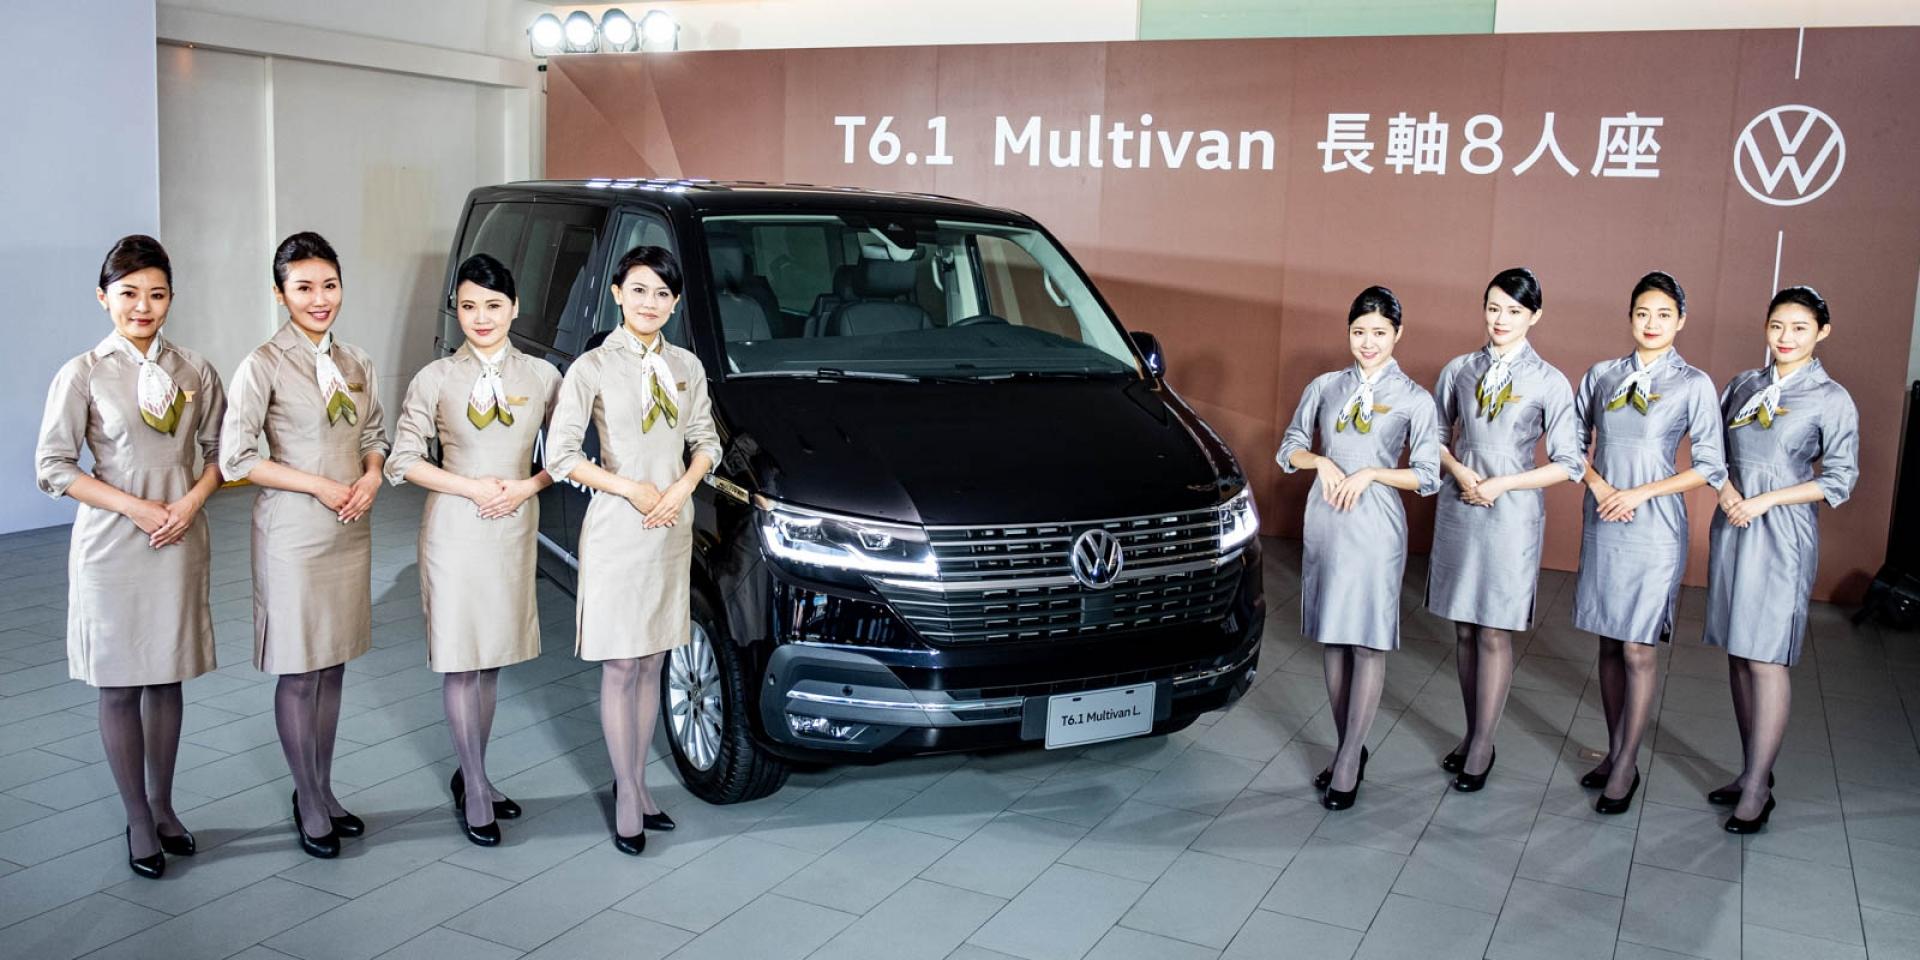 星宇航空指定座駕!Volkswagen T6.1 Multivan 長軸版上市發表